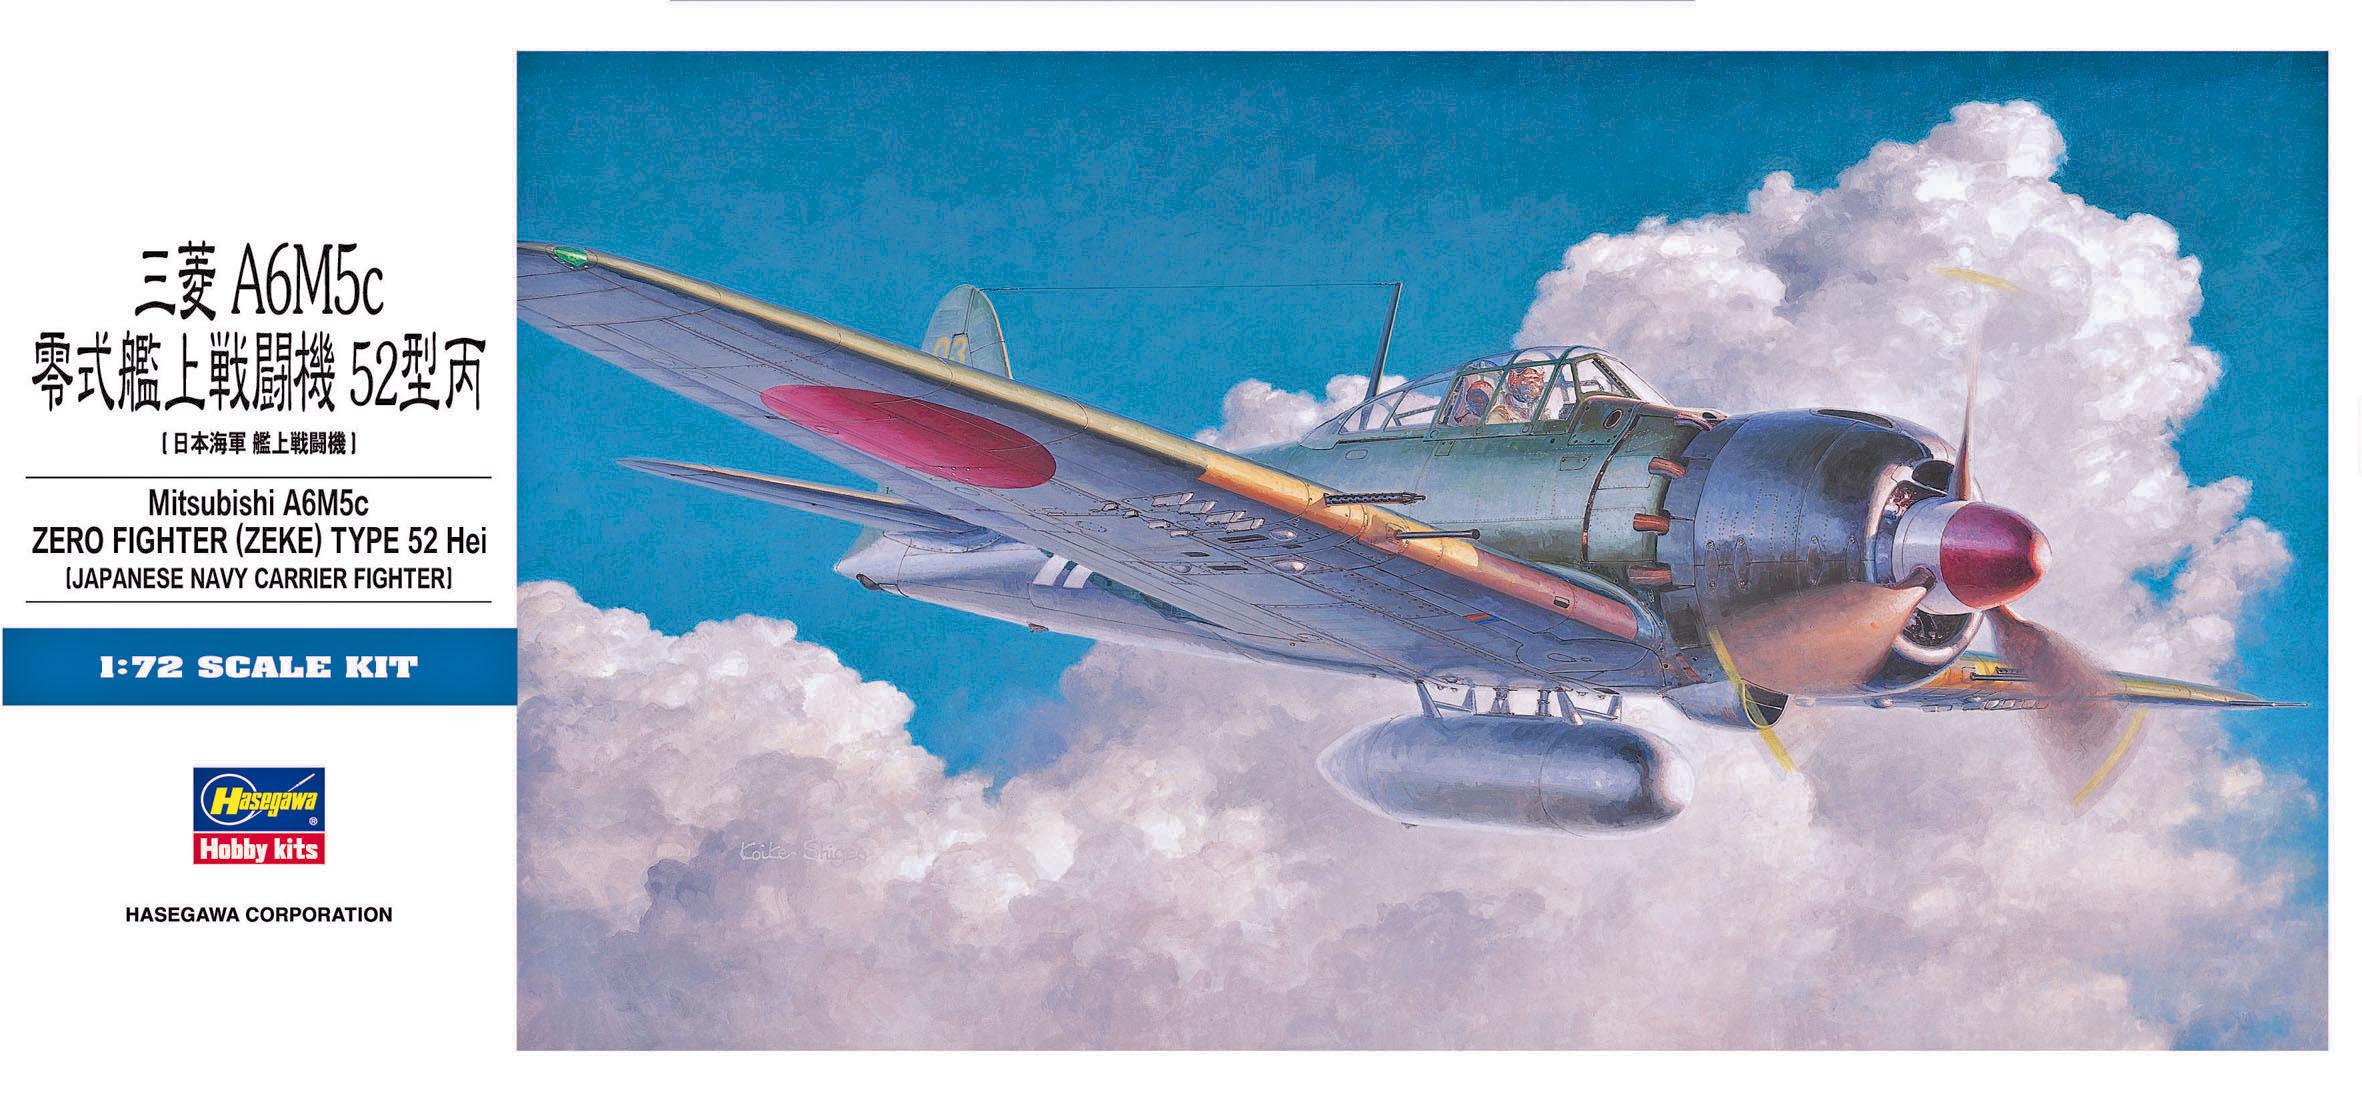 Hasegawa 1/72 Zero Fighter Type 52 Hei (Zeke)